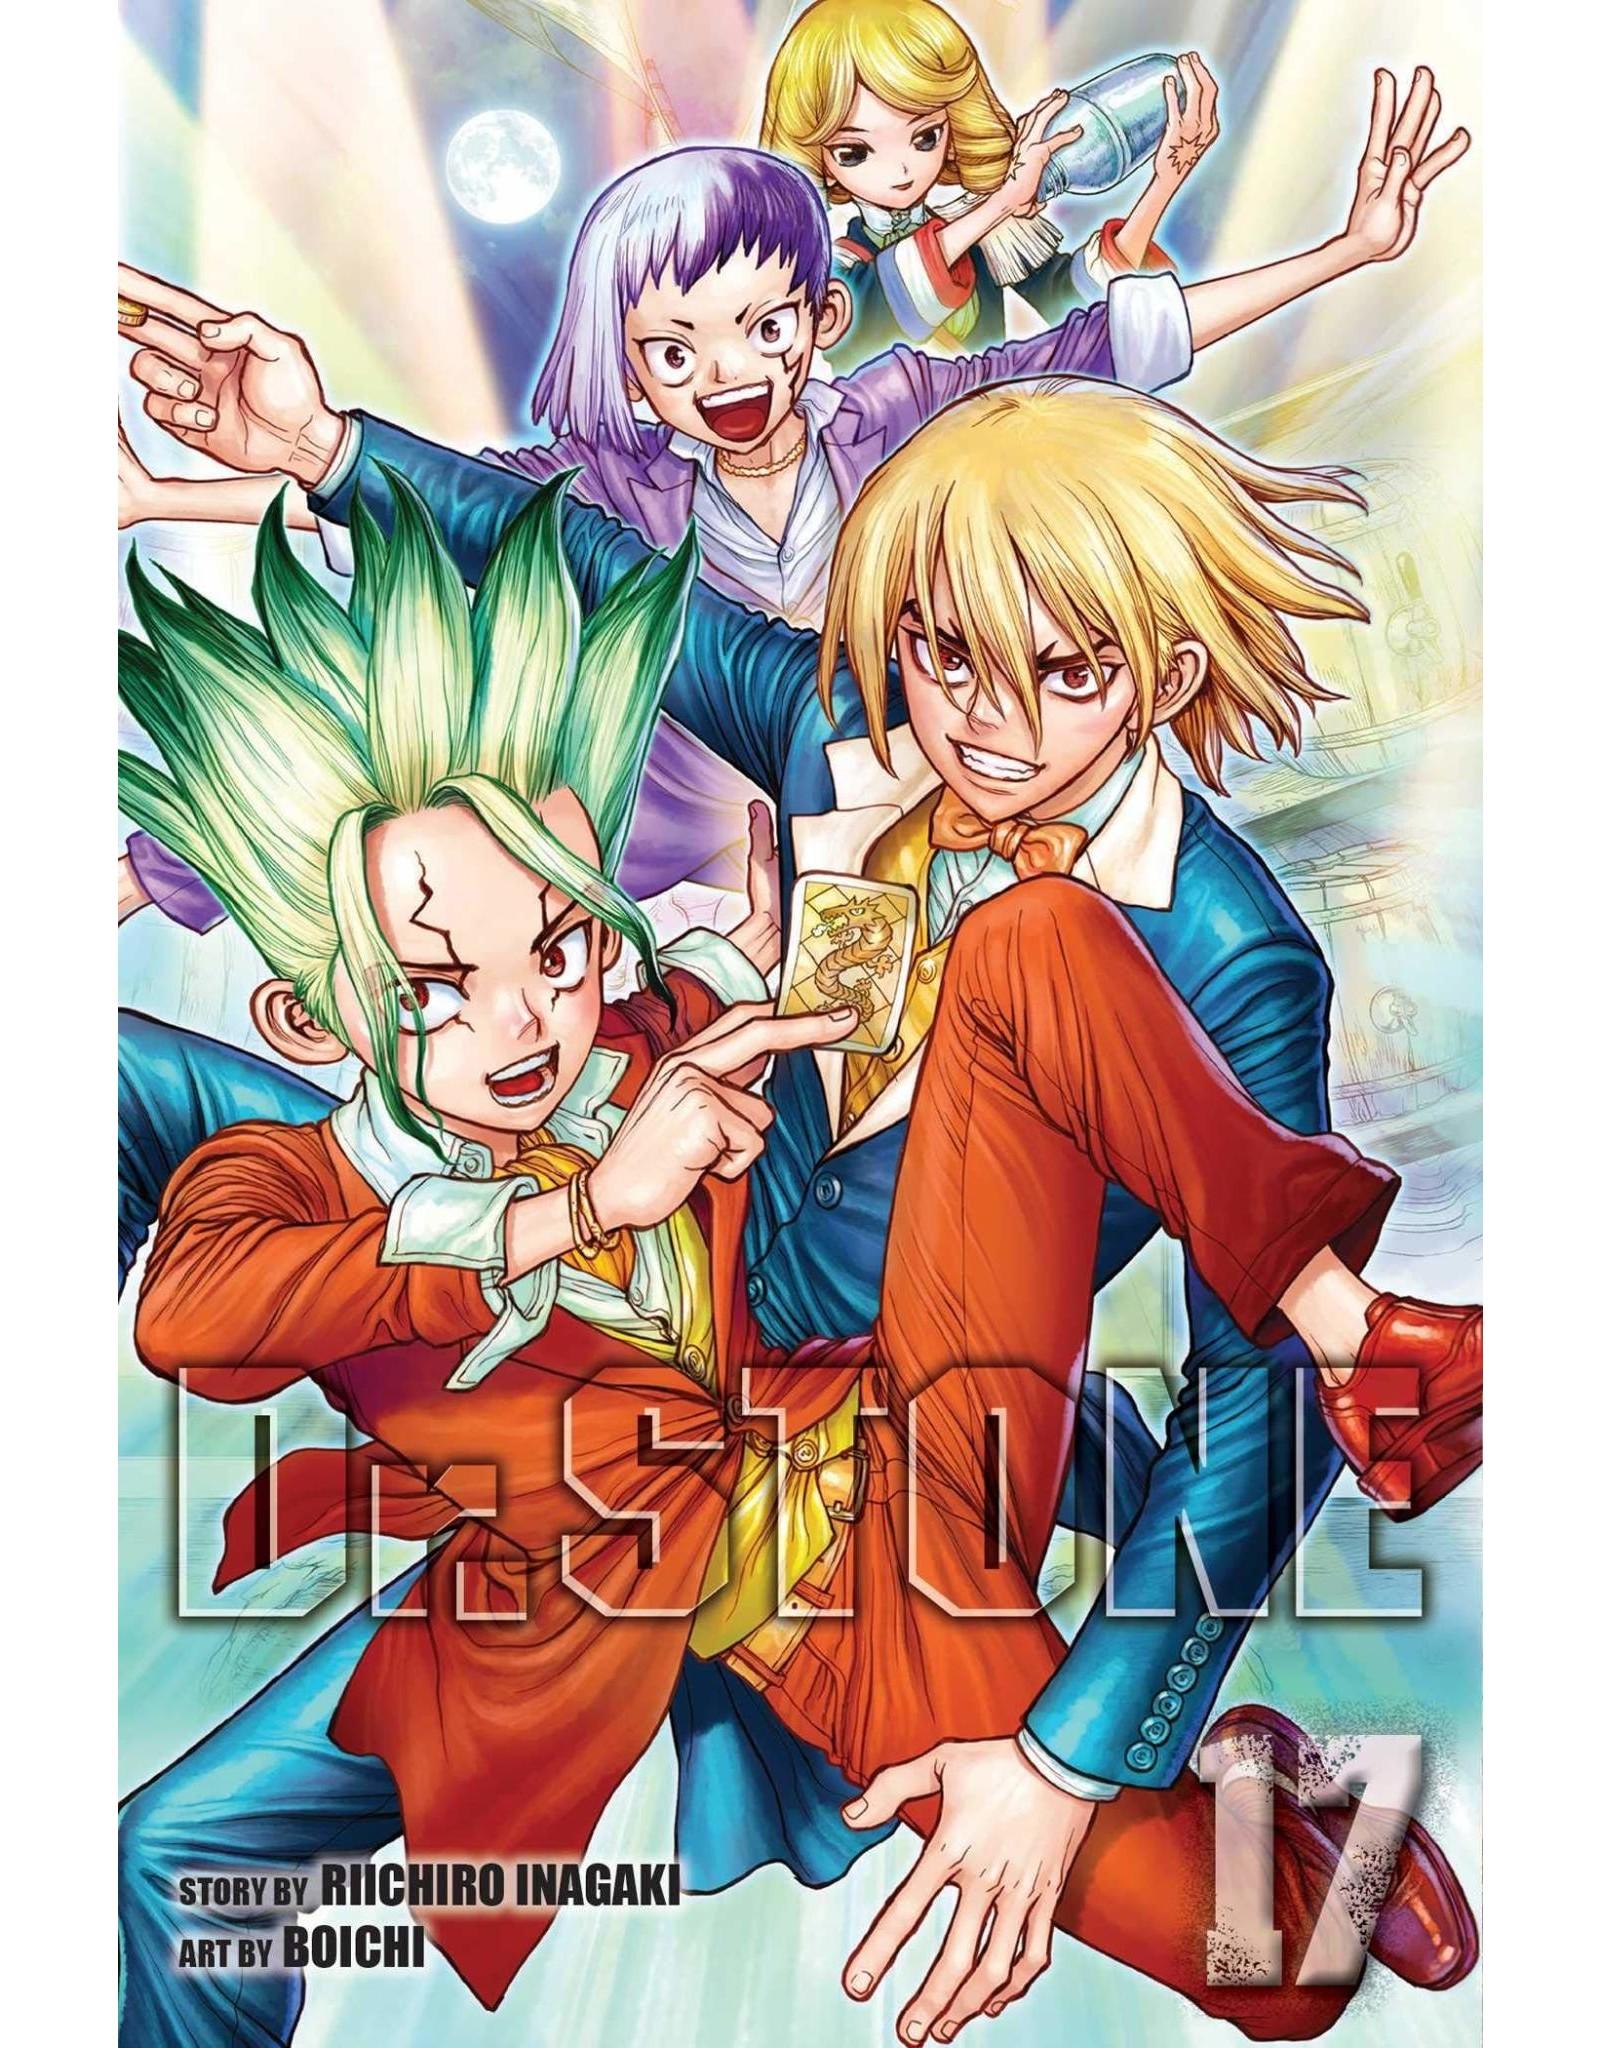 Dr. Stone 17 (English) - Manga